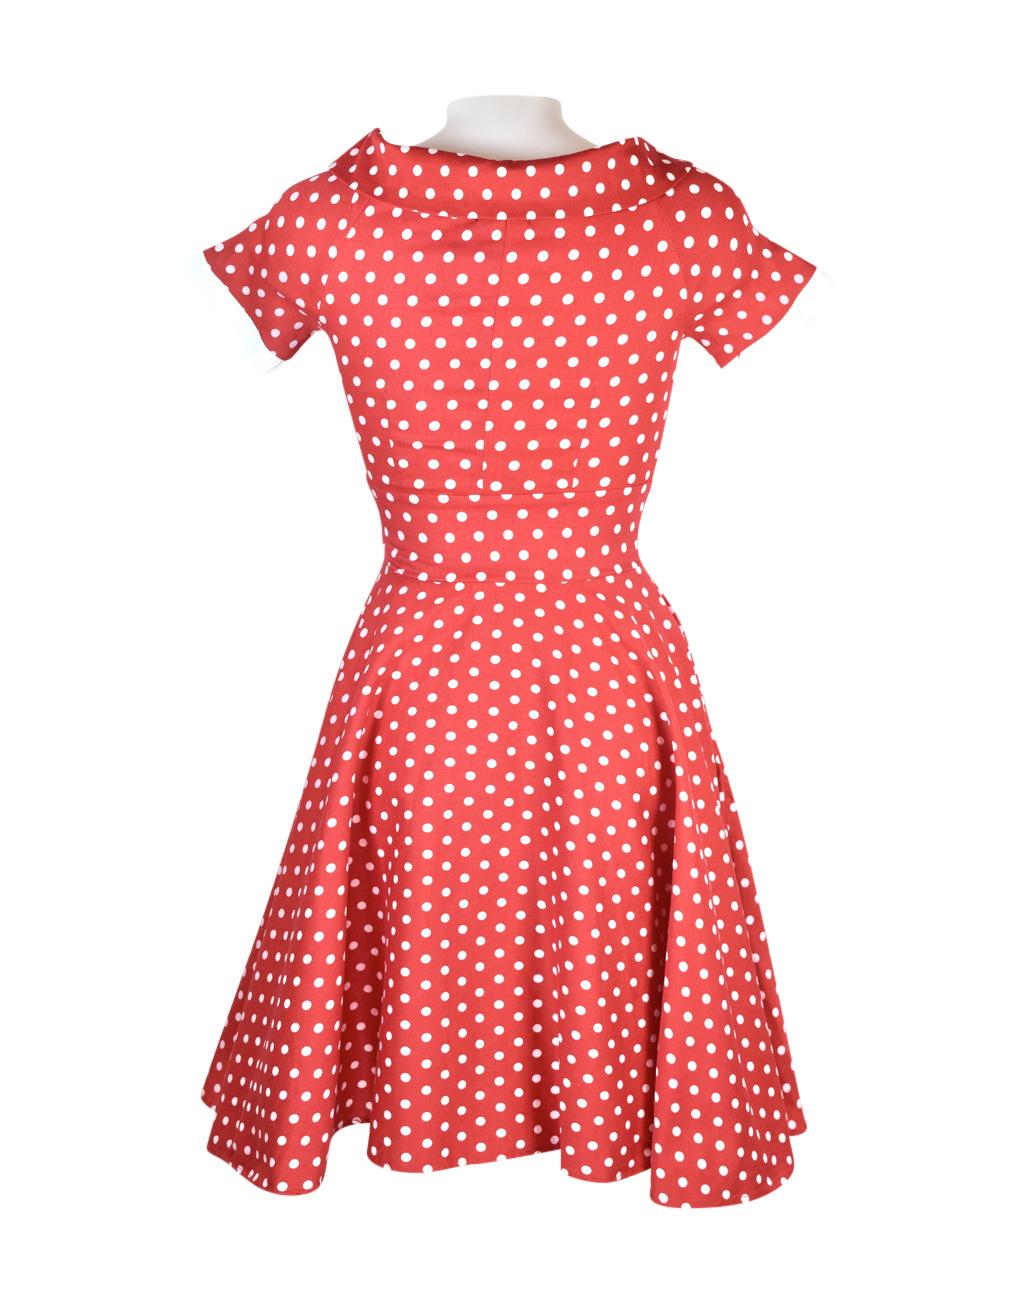 Dolly & Dotty Darlene Red & White Polka Dot Dress Back V333